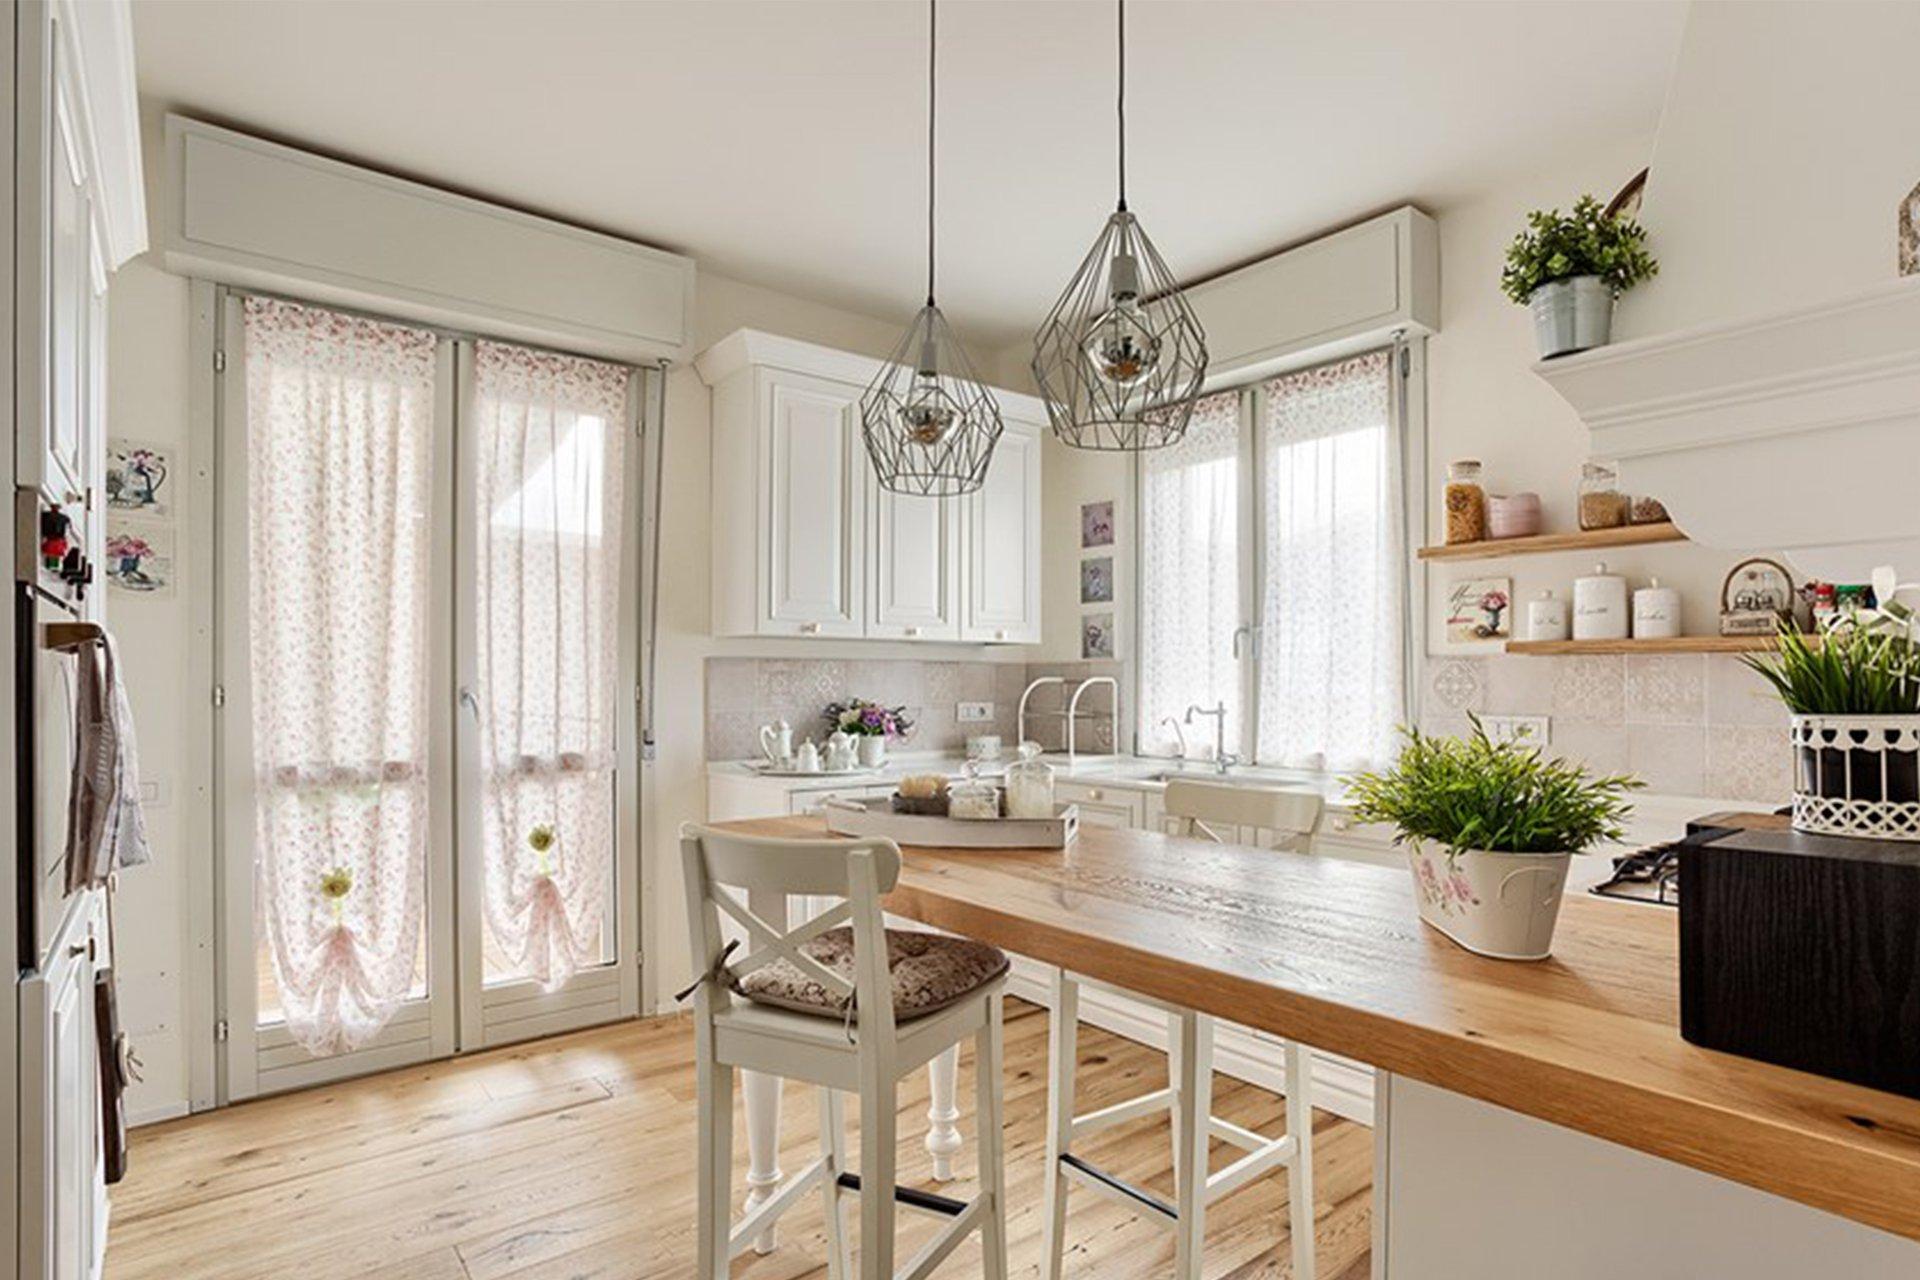 Consigli Per La Casa 5 consigli per una casa accogliente - crumbs of life